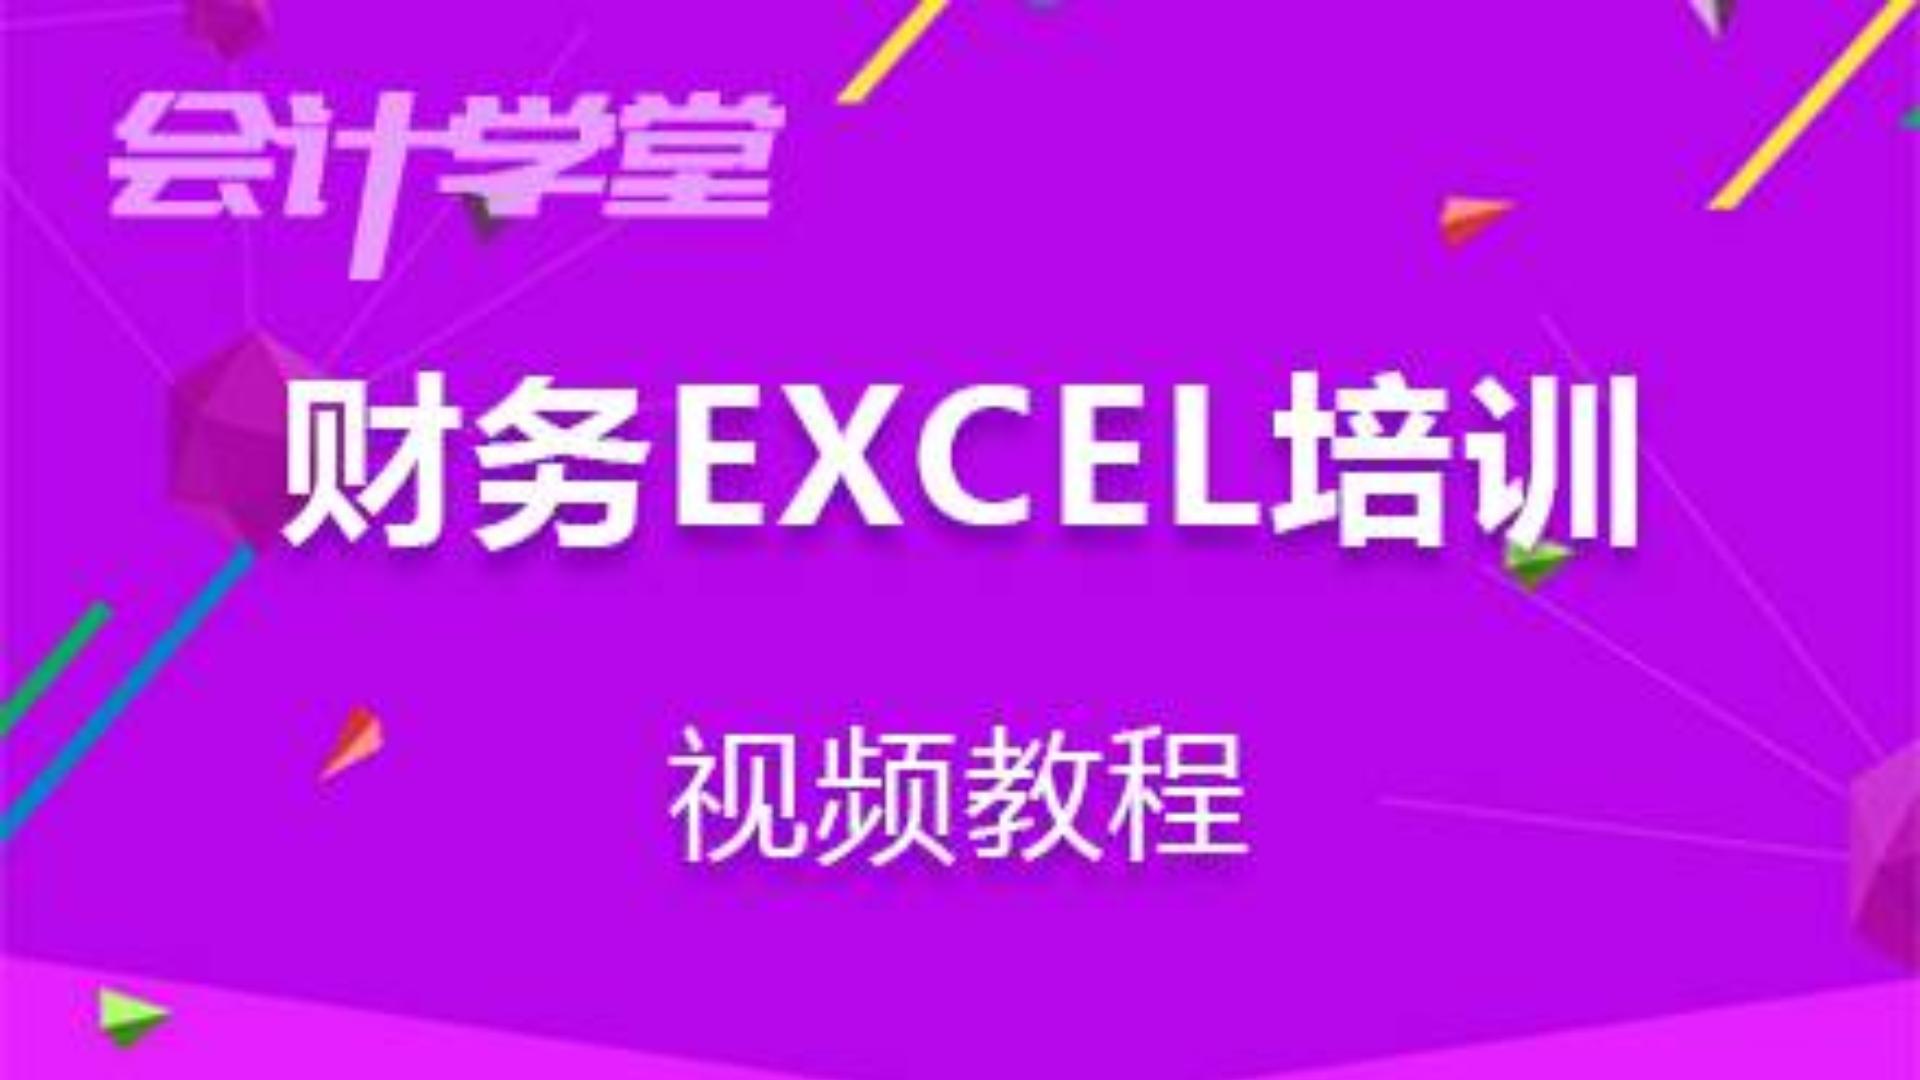 这6个Excel技巧太实用了,可惜99%的人都忽略了!